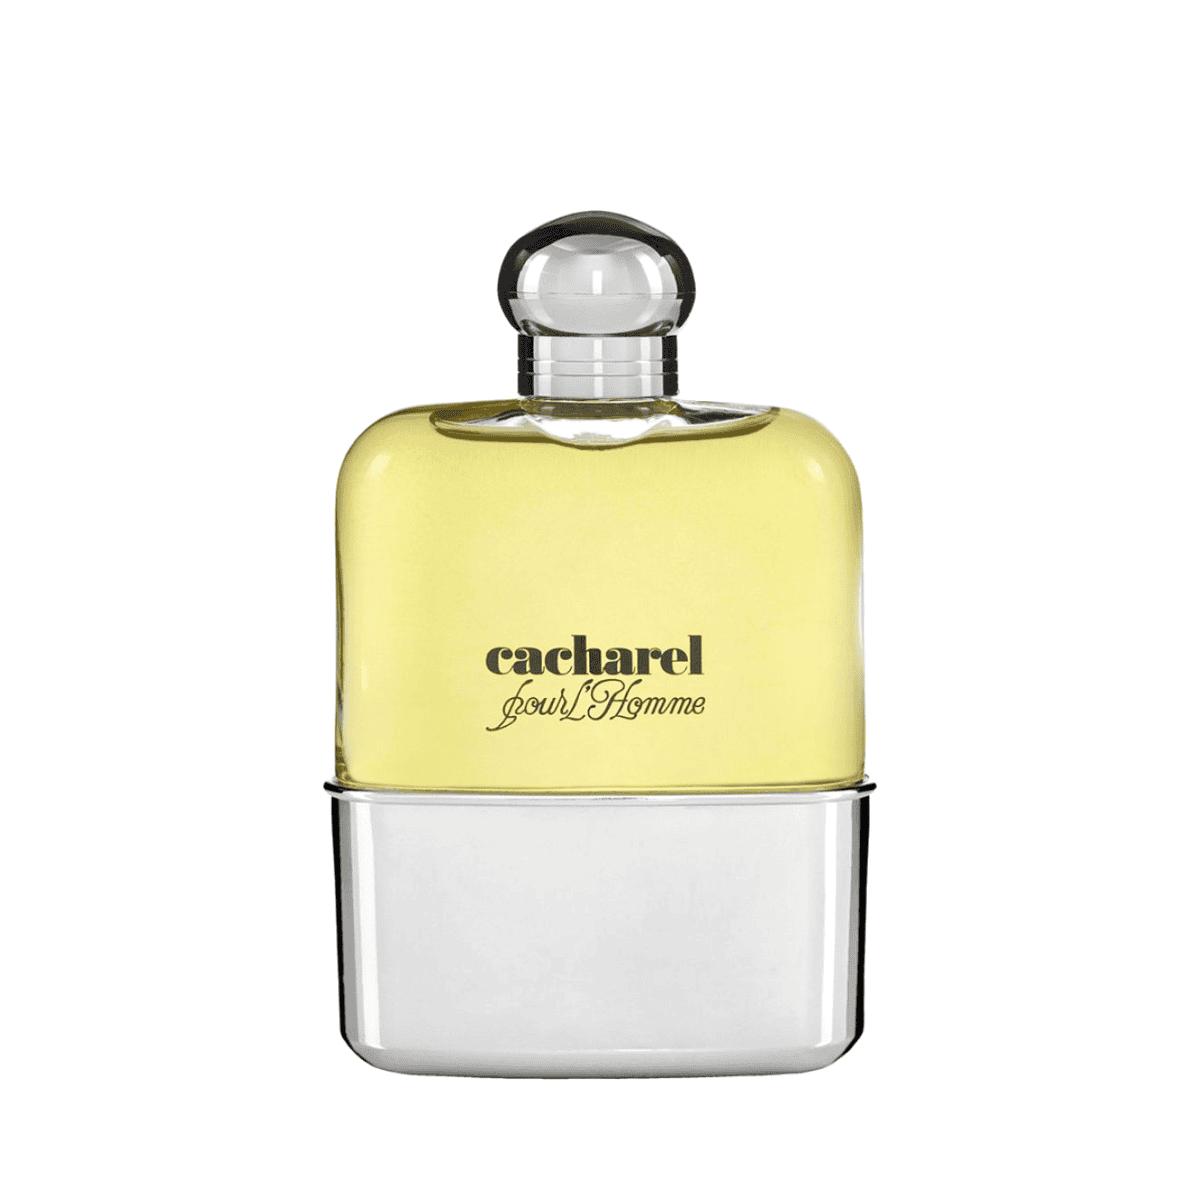 Cacharel Eau Parfum Catch Youtube De Me m8Nnwv0